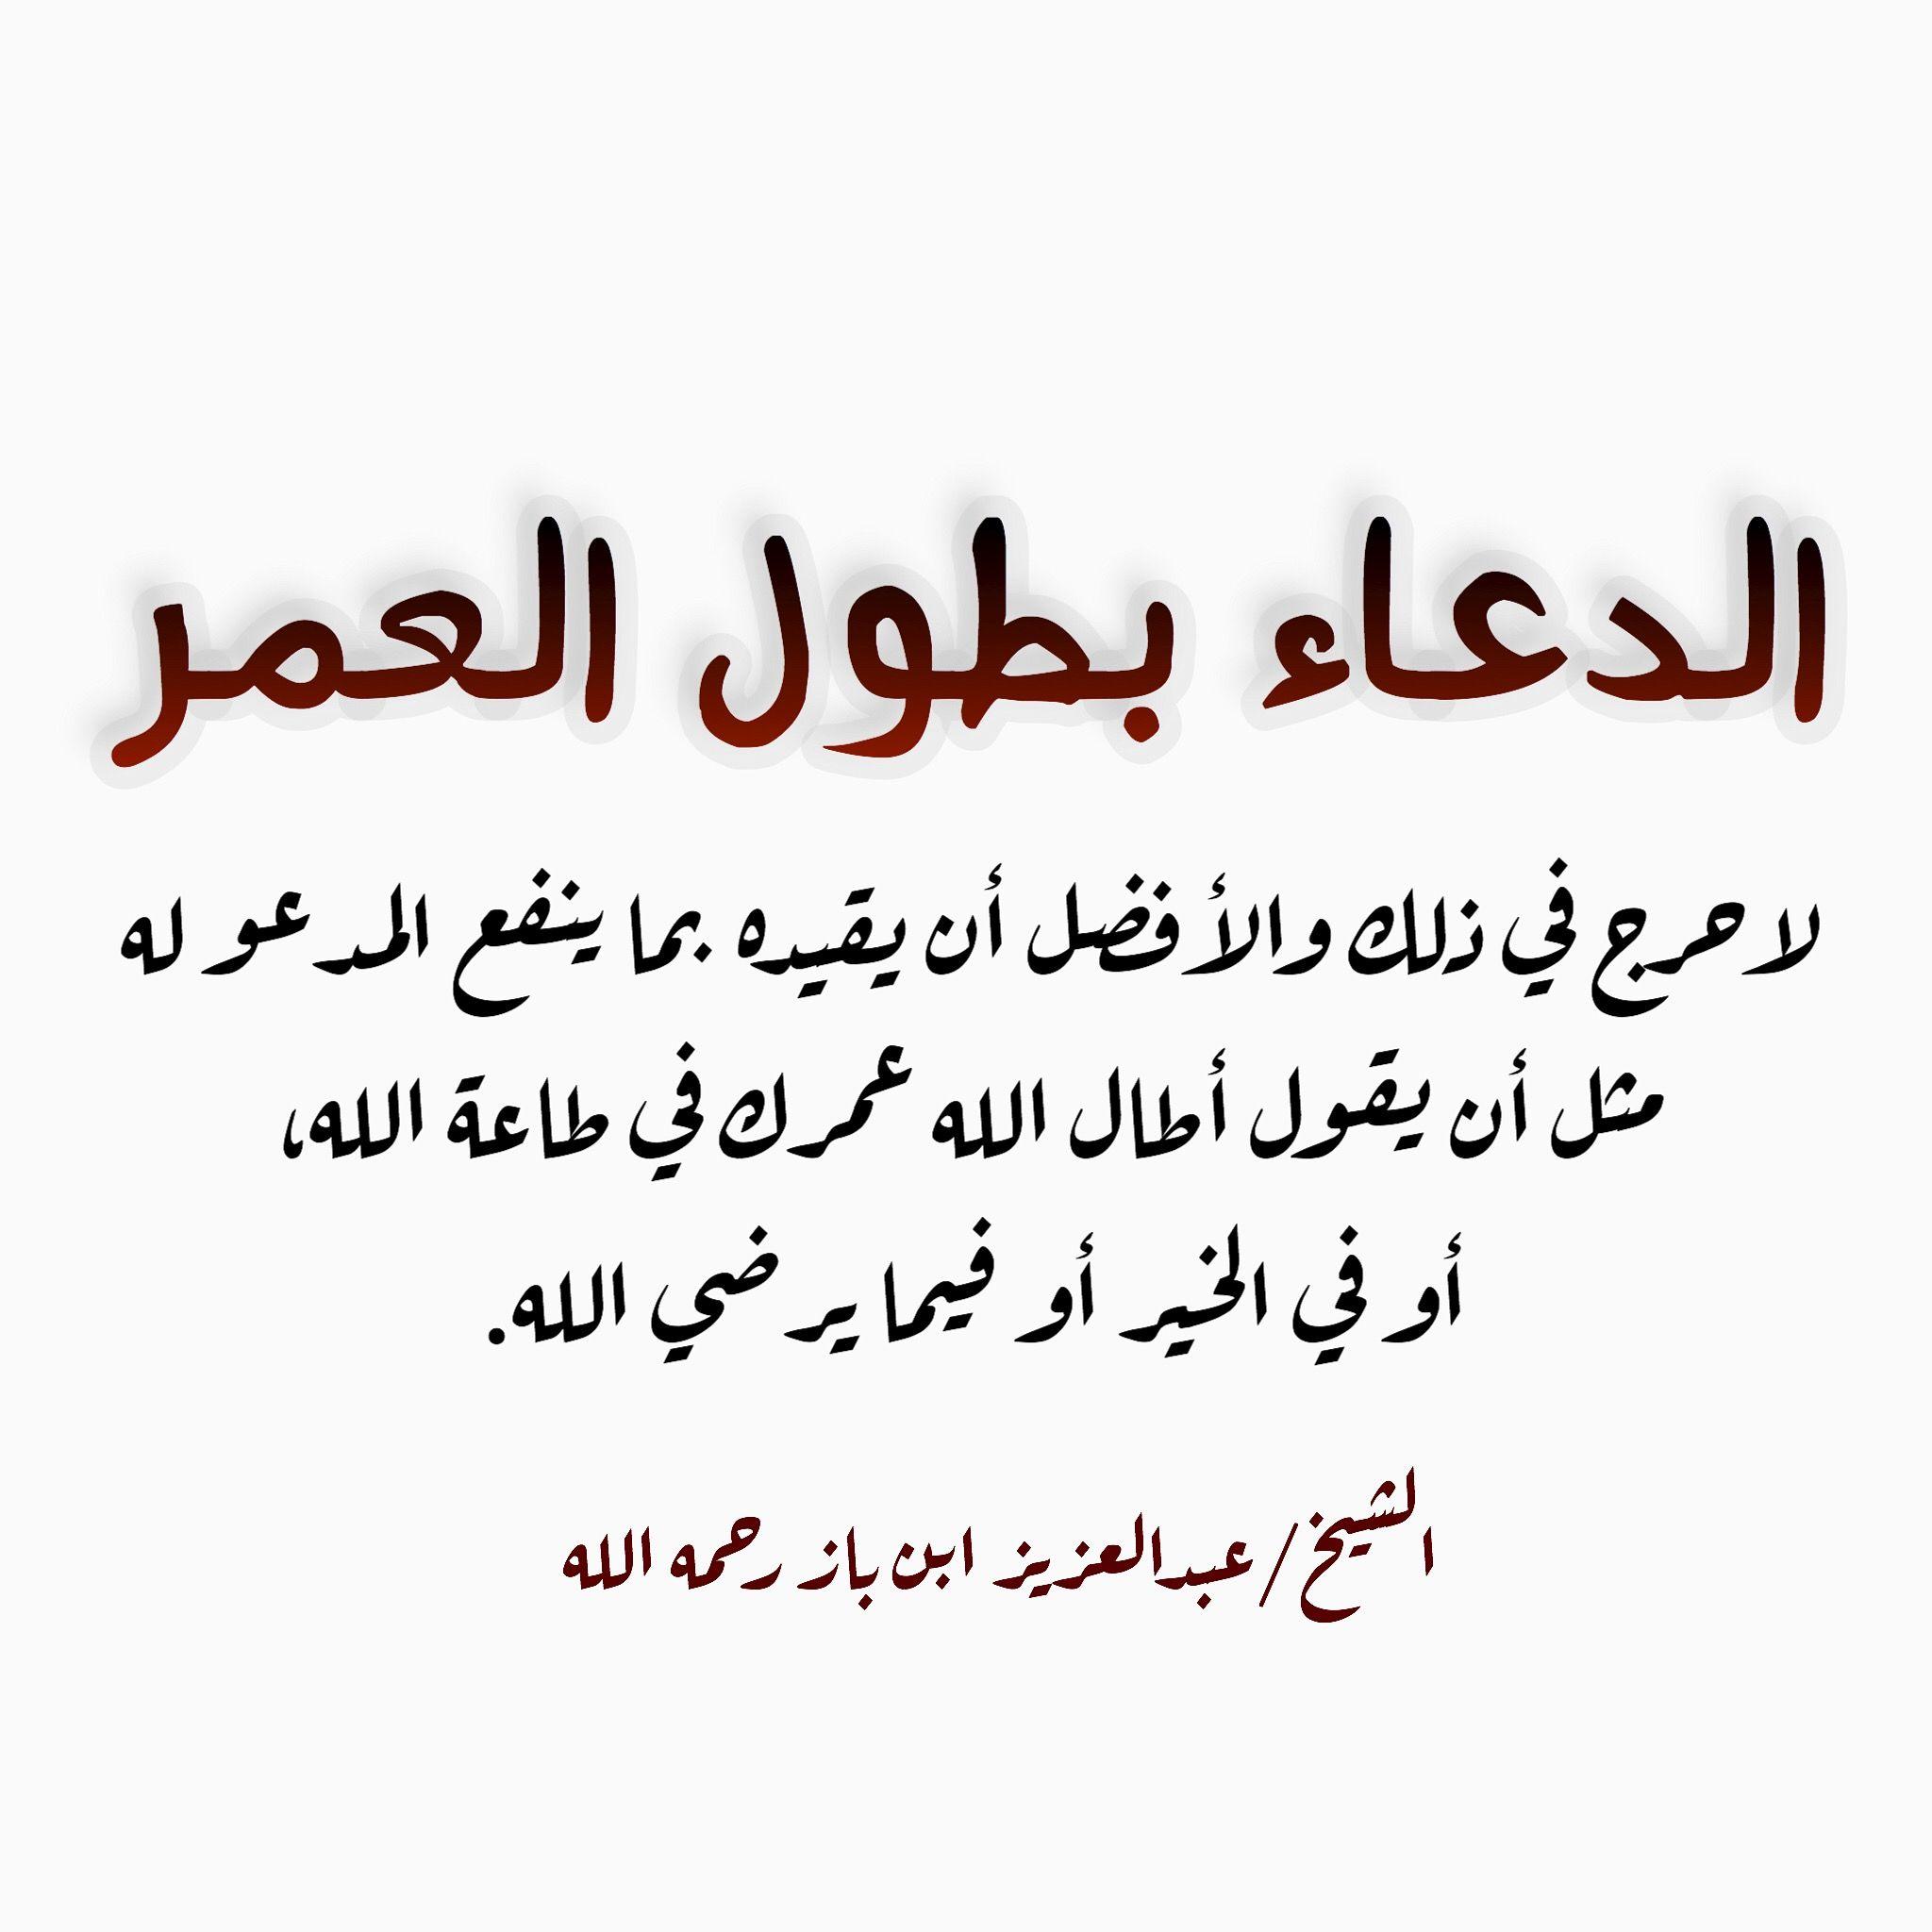 الدعاء بطول العمر Praying For Someone Arabic Calligraphy Pray